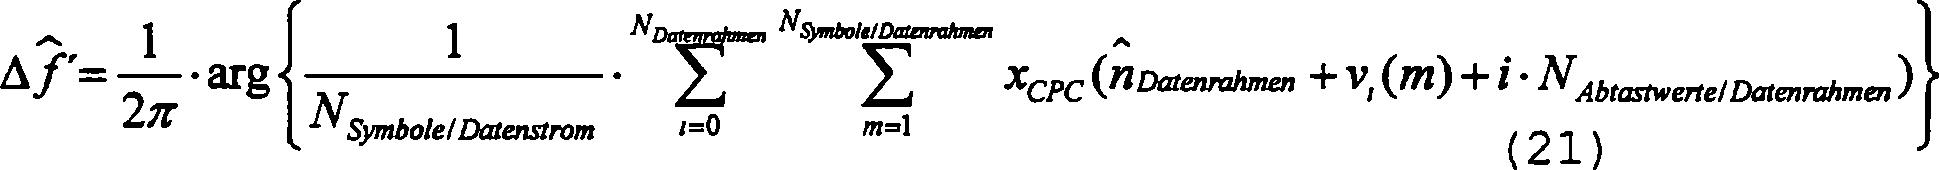 Figure DE102011008731B4_0022